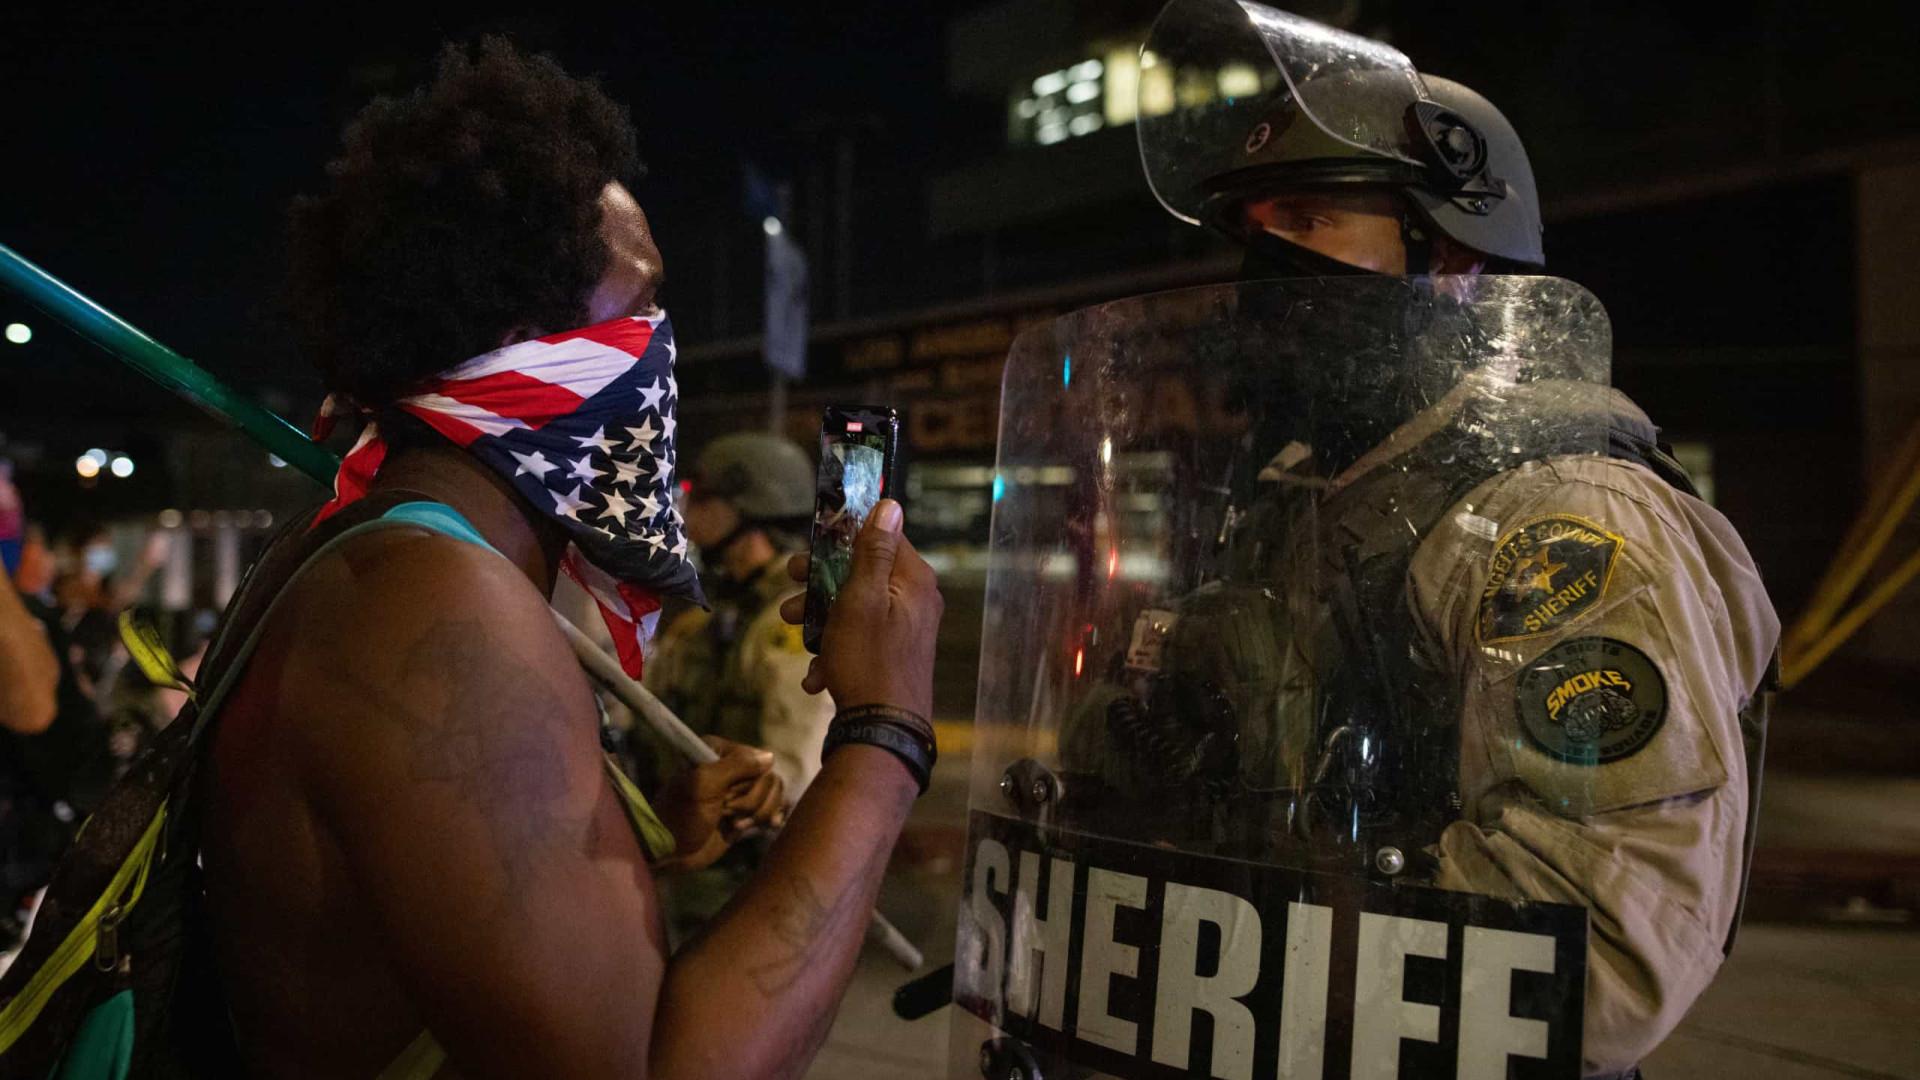 Caso Jacob Blake reafirma necessidade de erradicar o racismo na polícia